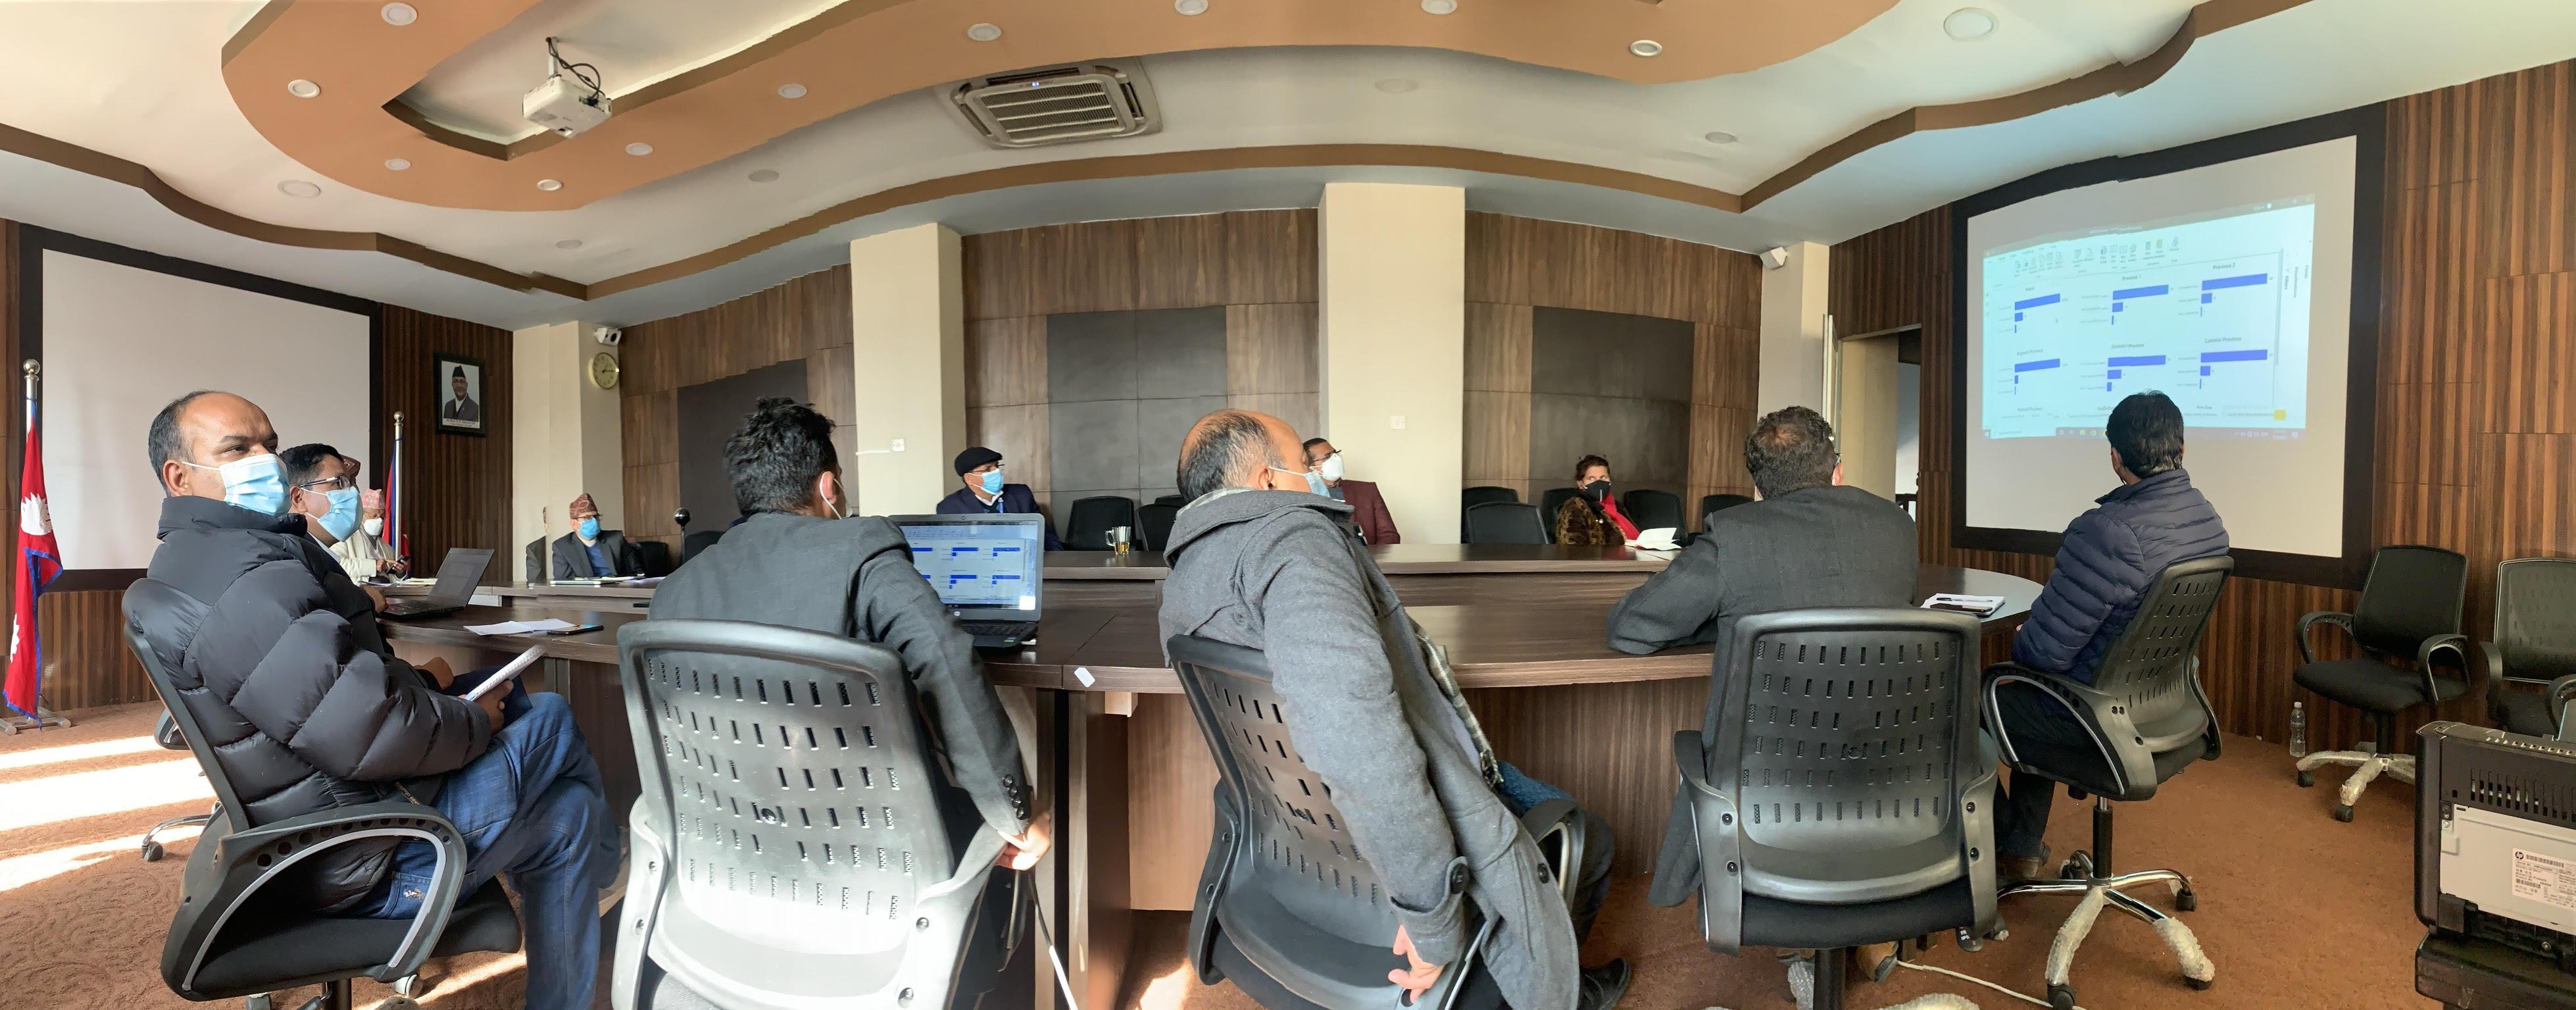 कोभिड -१९ ले लघु,घरेलु तथा साना उद्योग(SMES) मा पारेको  प्रभावबारे प्रस्तुतीकरण र छलफल।